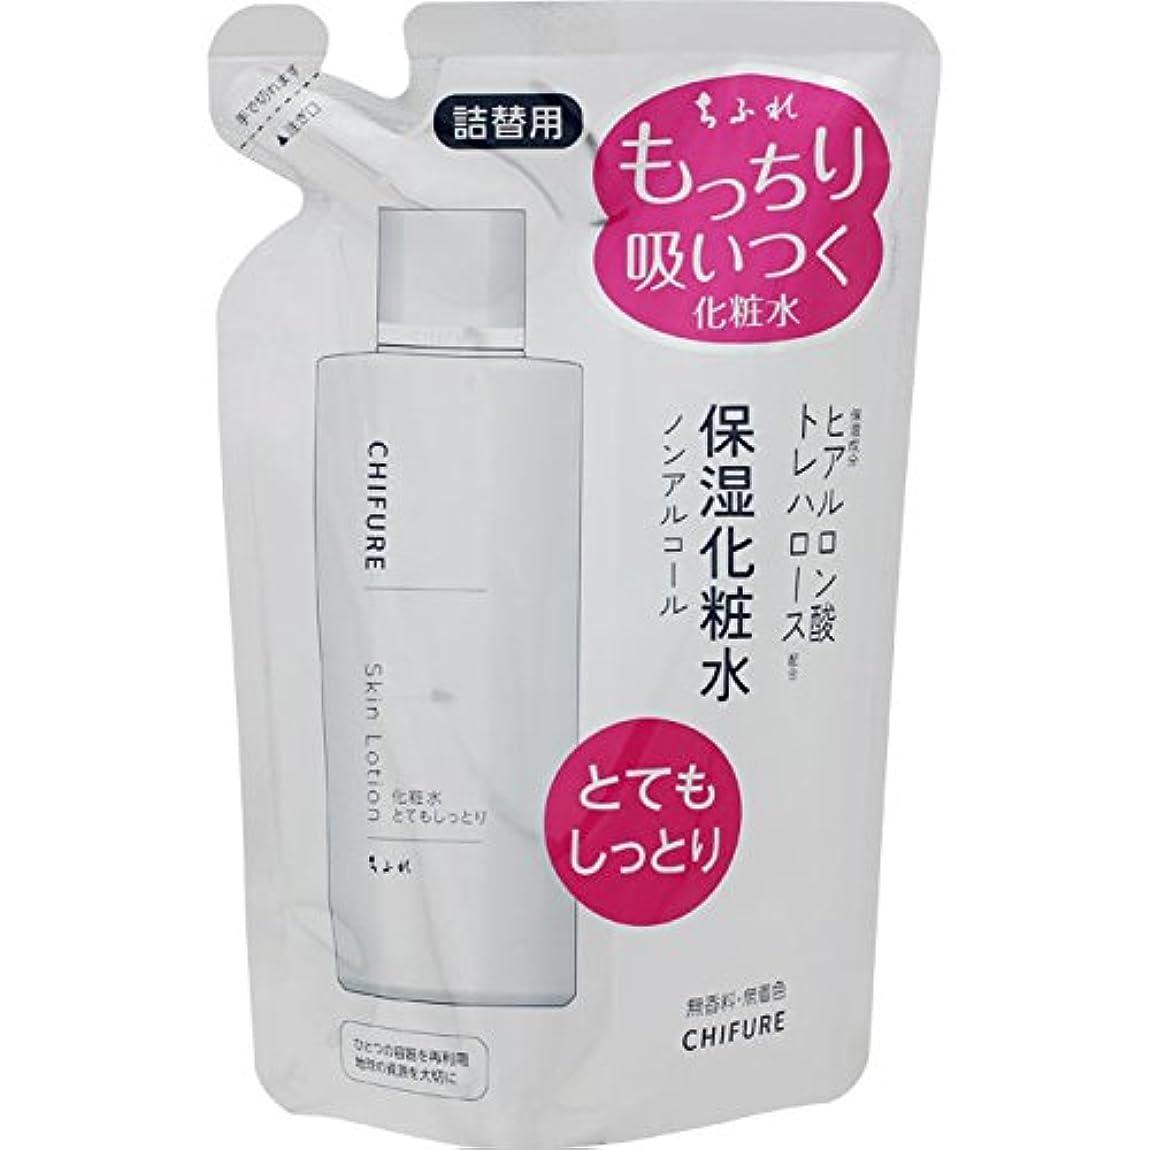 同封する一時停止代表してちふれ化粧品 化粧水 とてもしっとりタイプ 詰替用 150ML